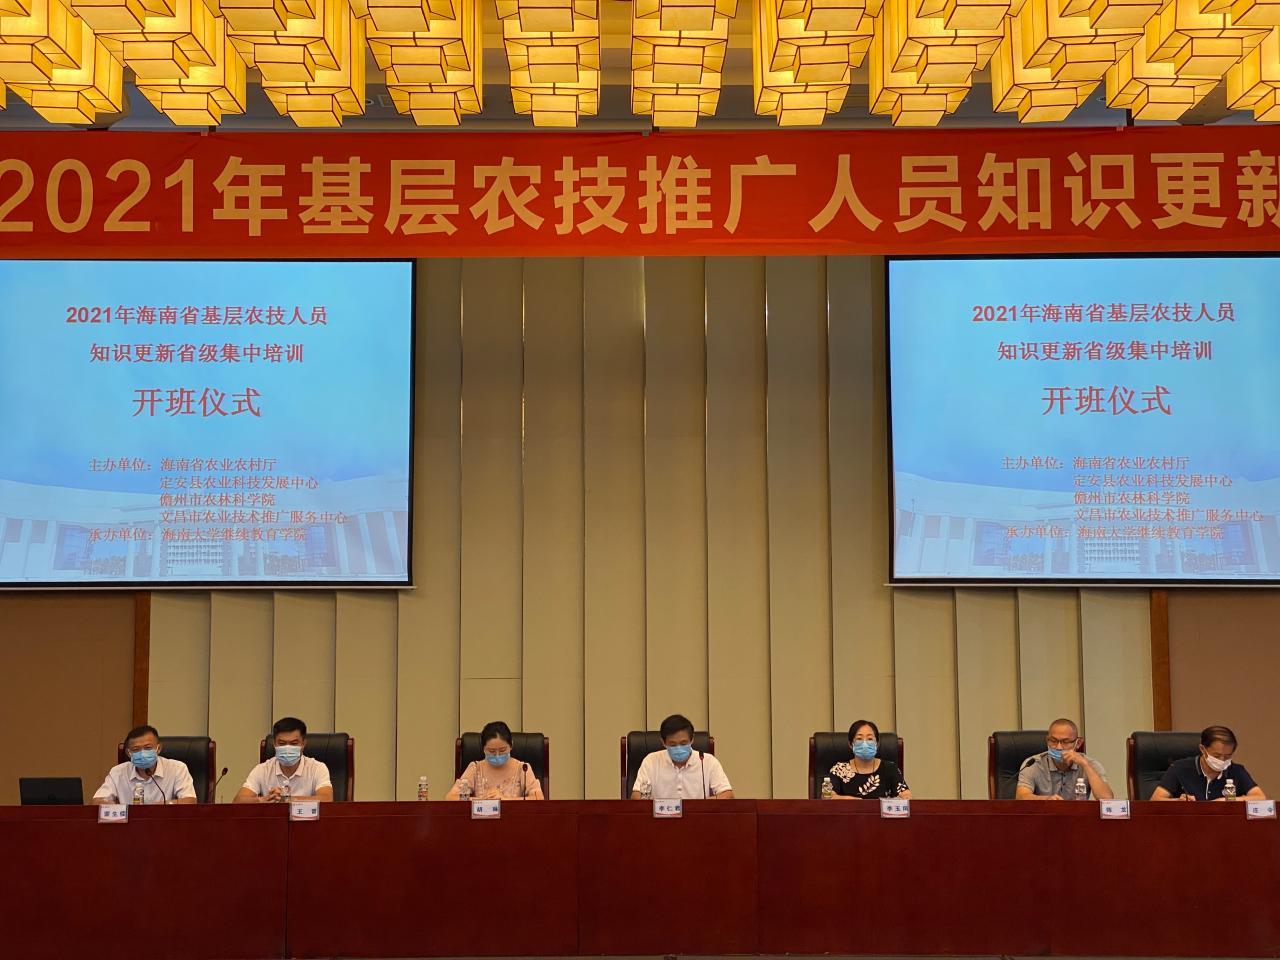 海南大学承办2021年海南省基层农技人员知识更新省级集中培训(第二批)